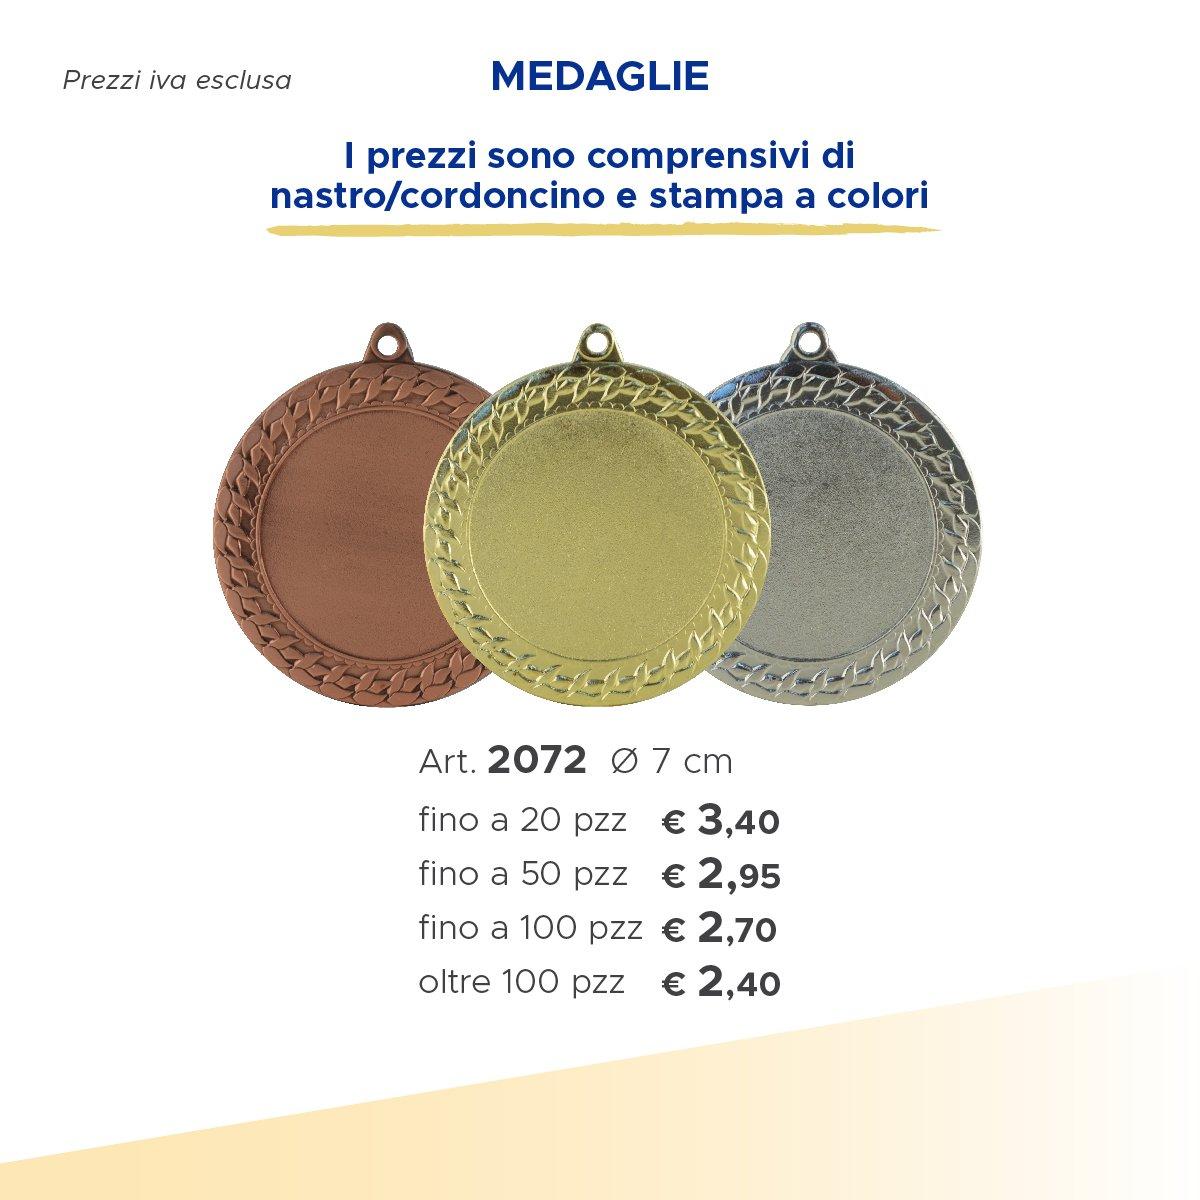 medaglie piccole in argento e oro